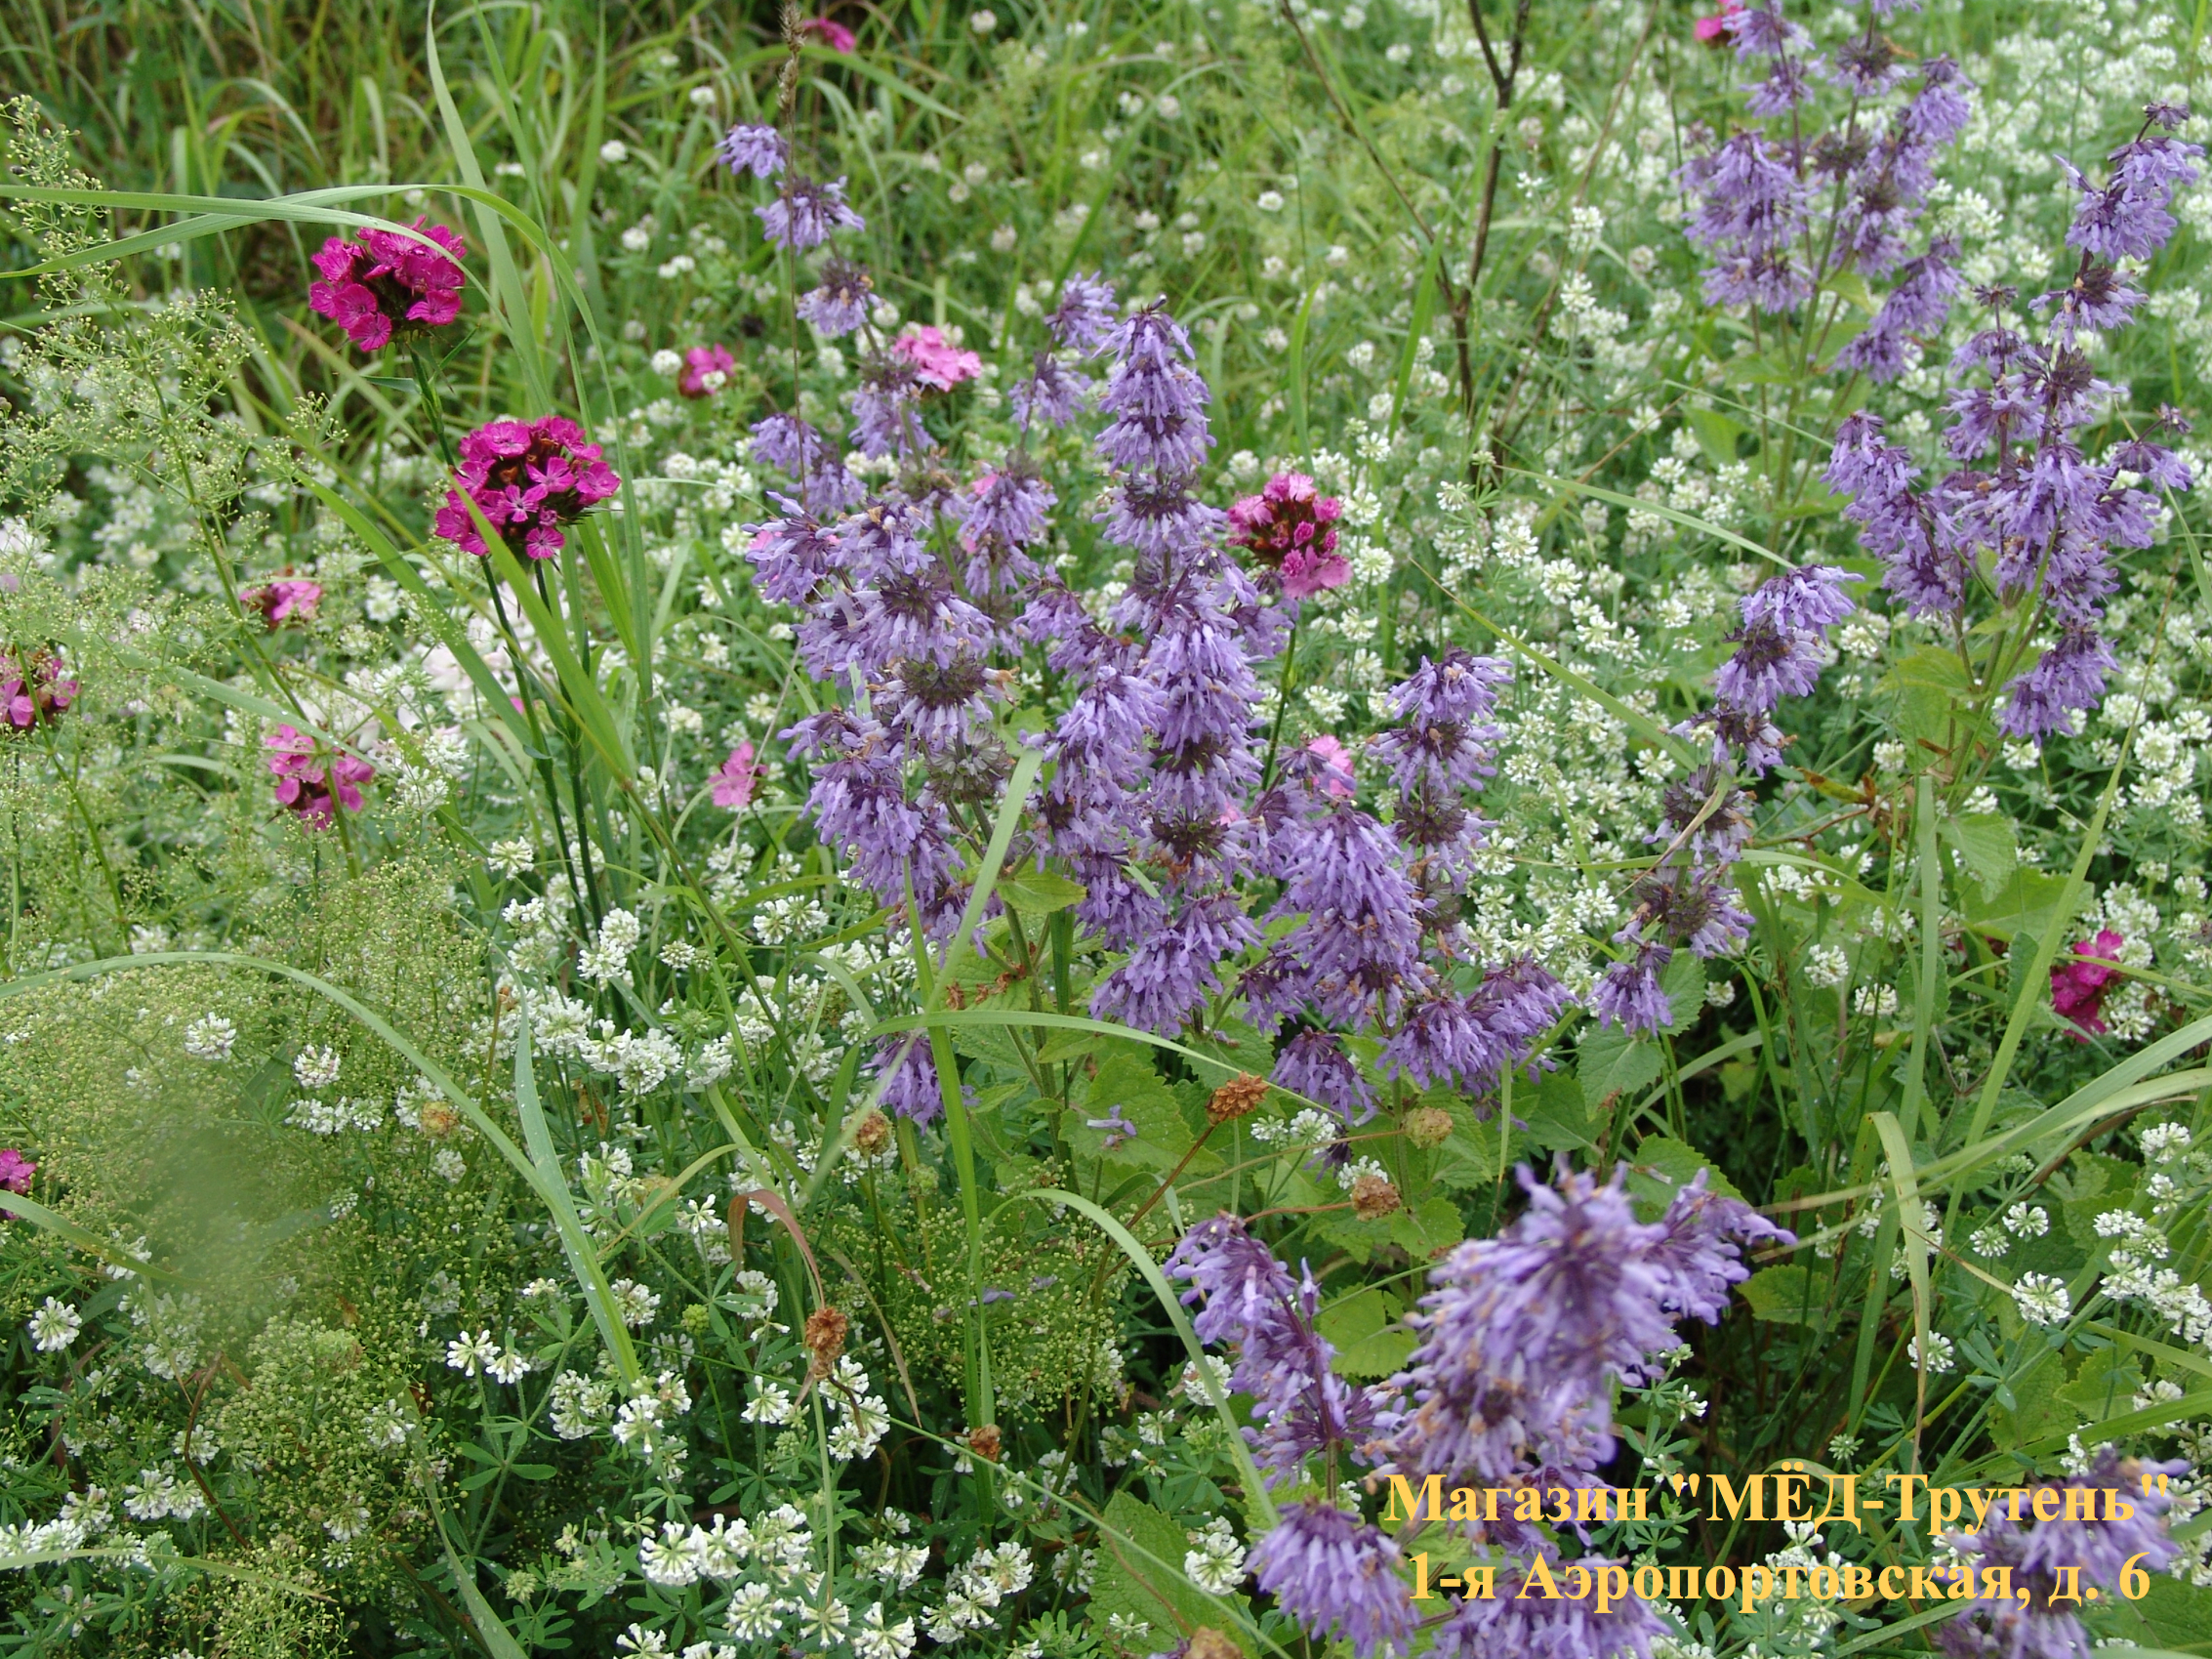 Богатый ассортимент цветов в Крыму